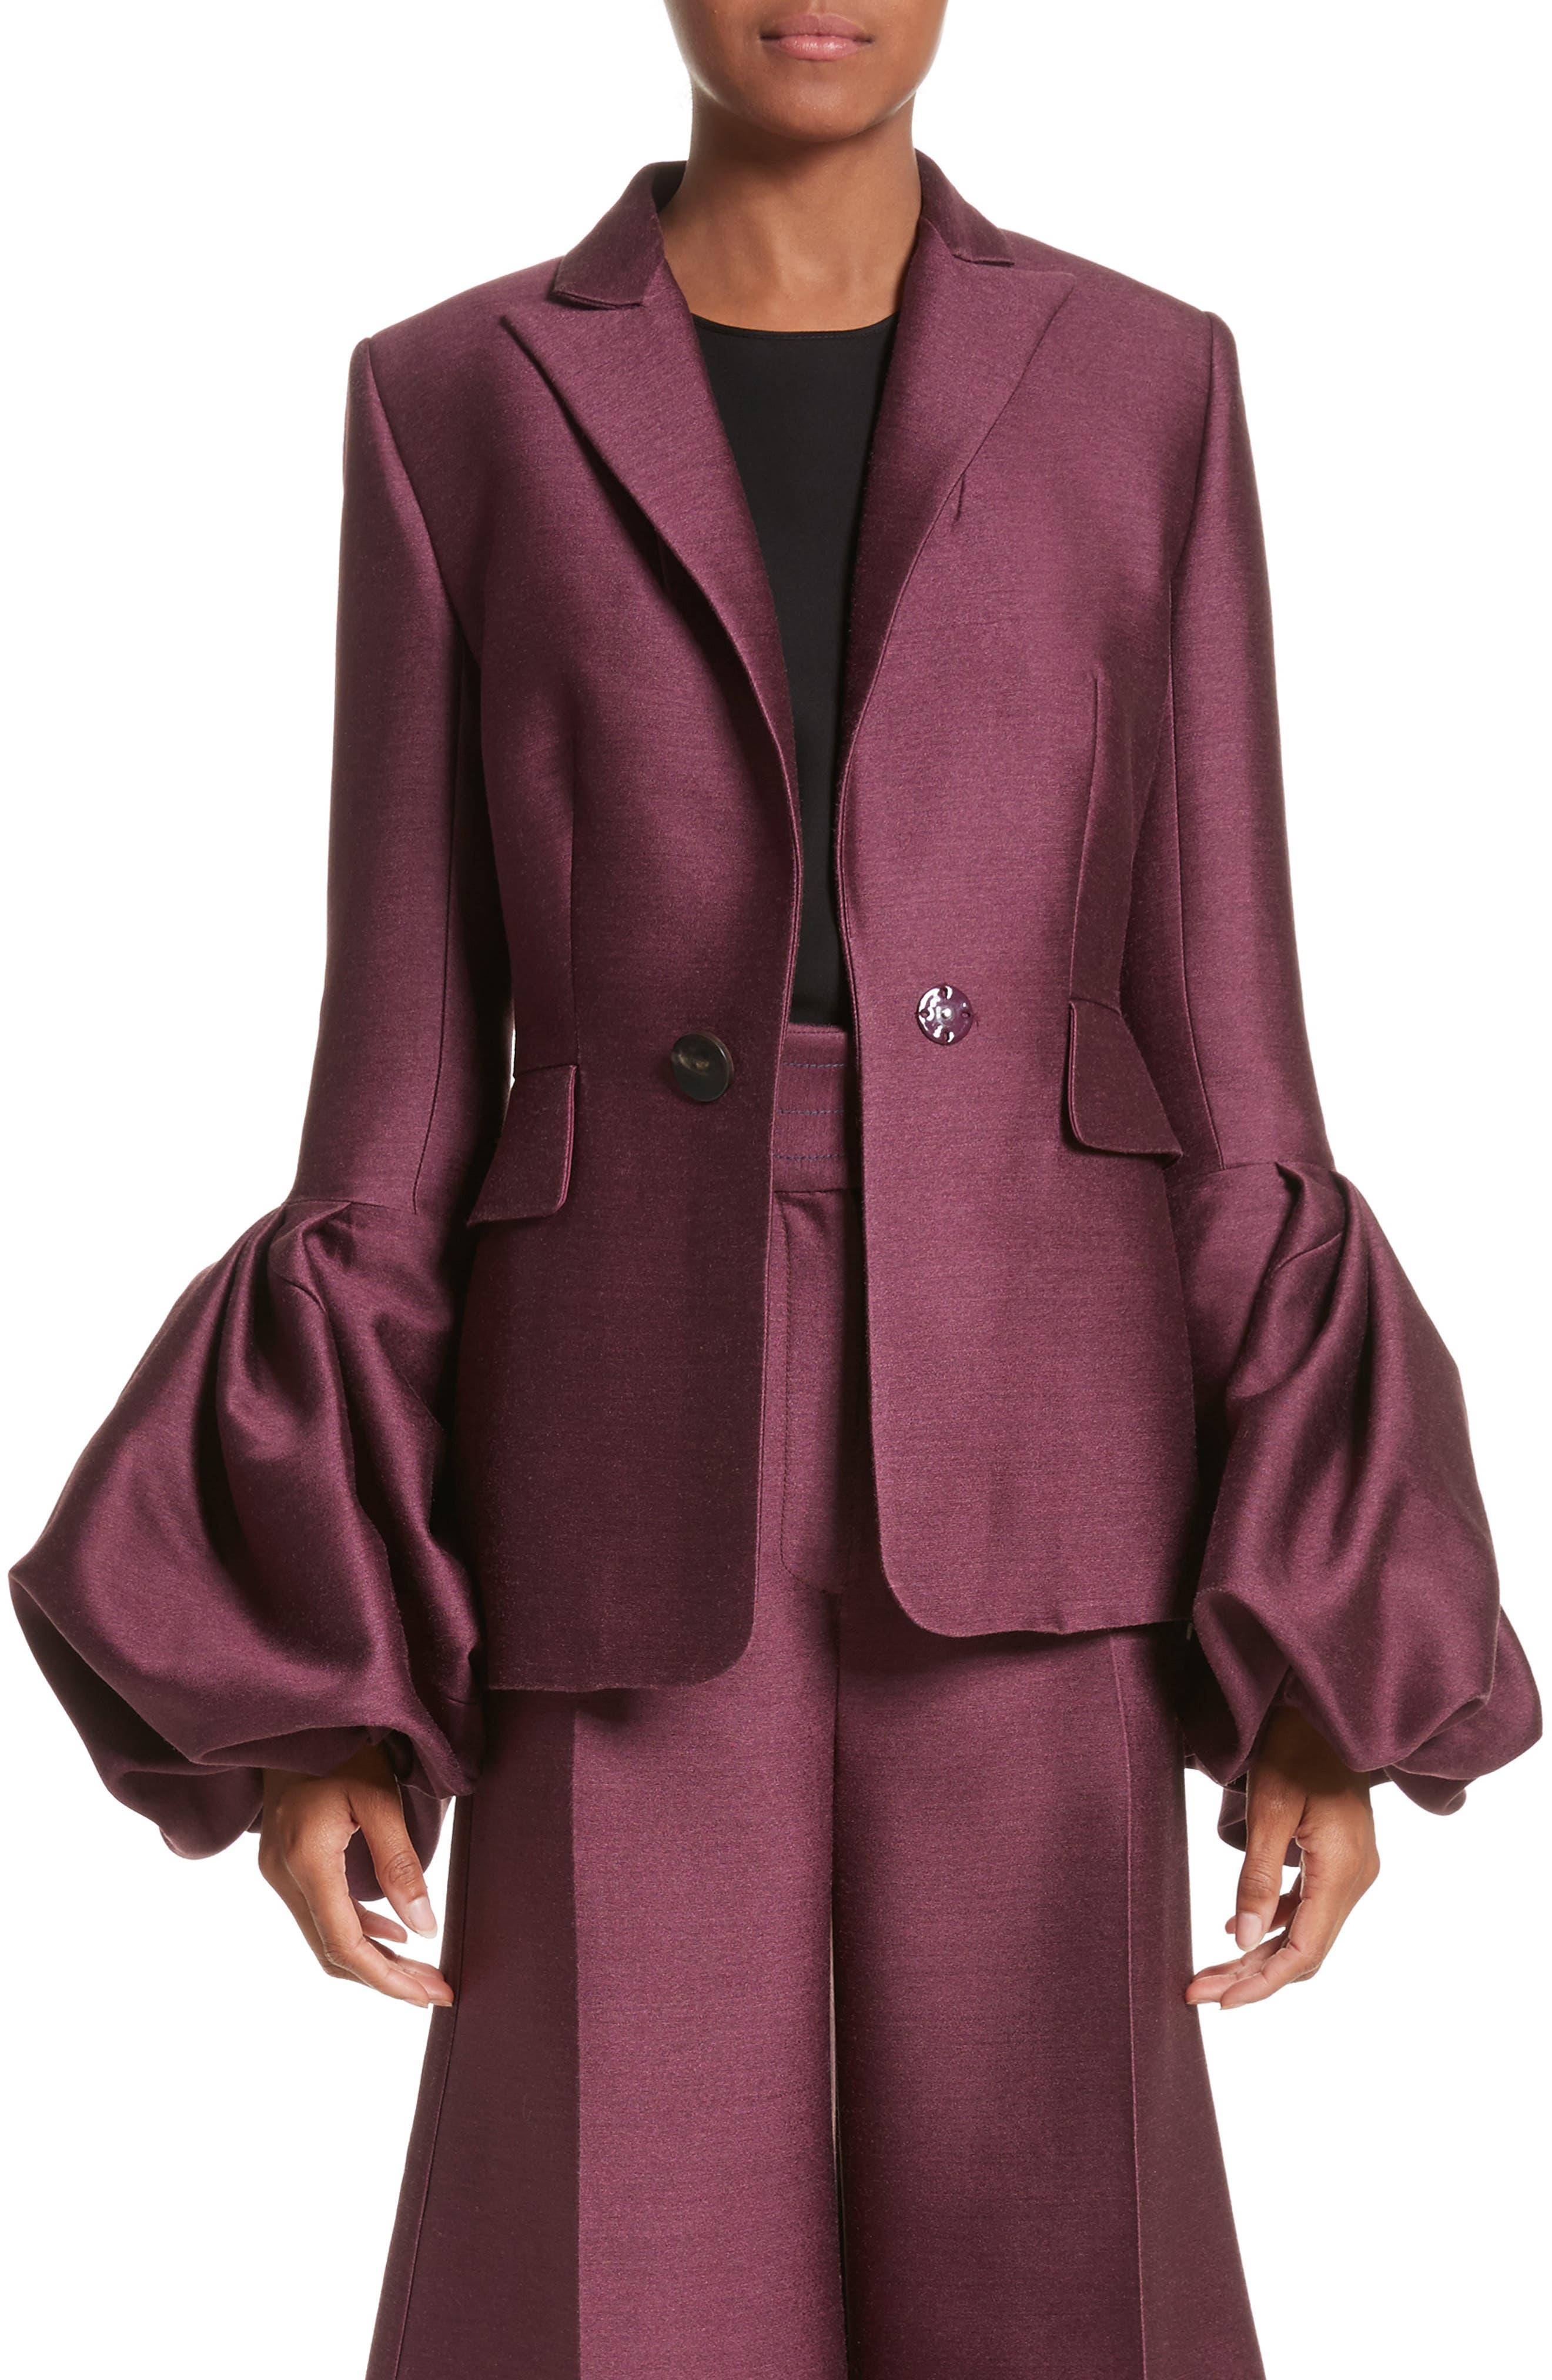 Narika Wool & Silk Jacket,                             Main thumbnail 1, color,                             500